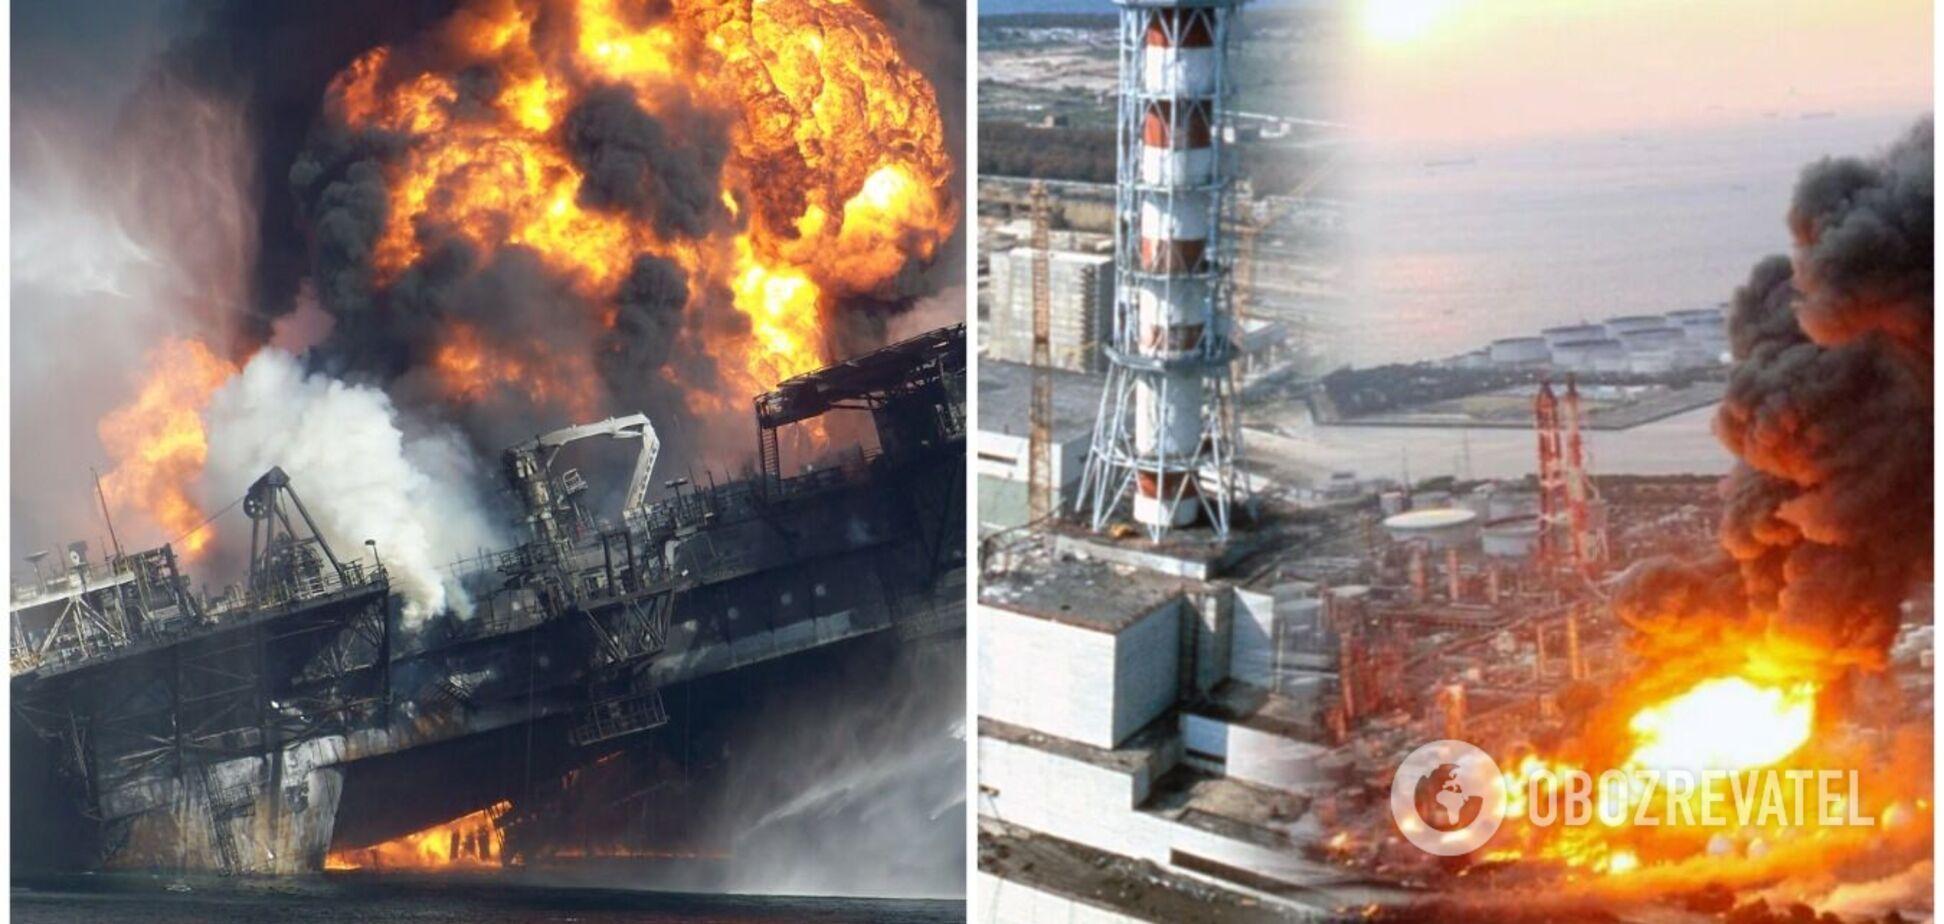 Чорнобильська катастрофа та інші аварії, які жахнули світ, у фото та відео